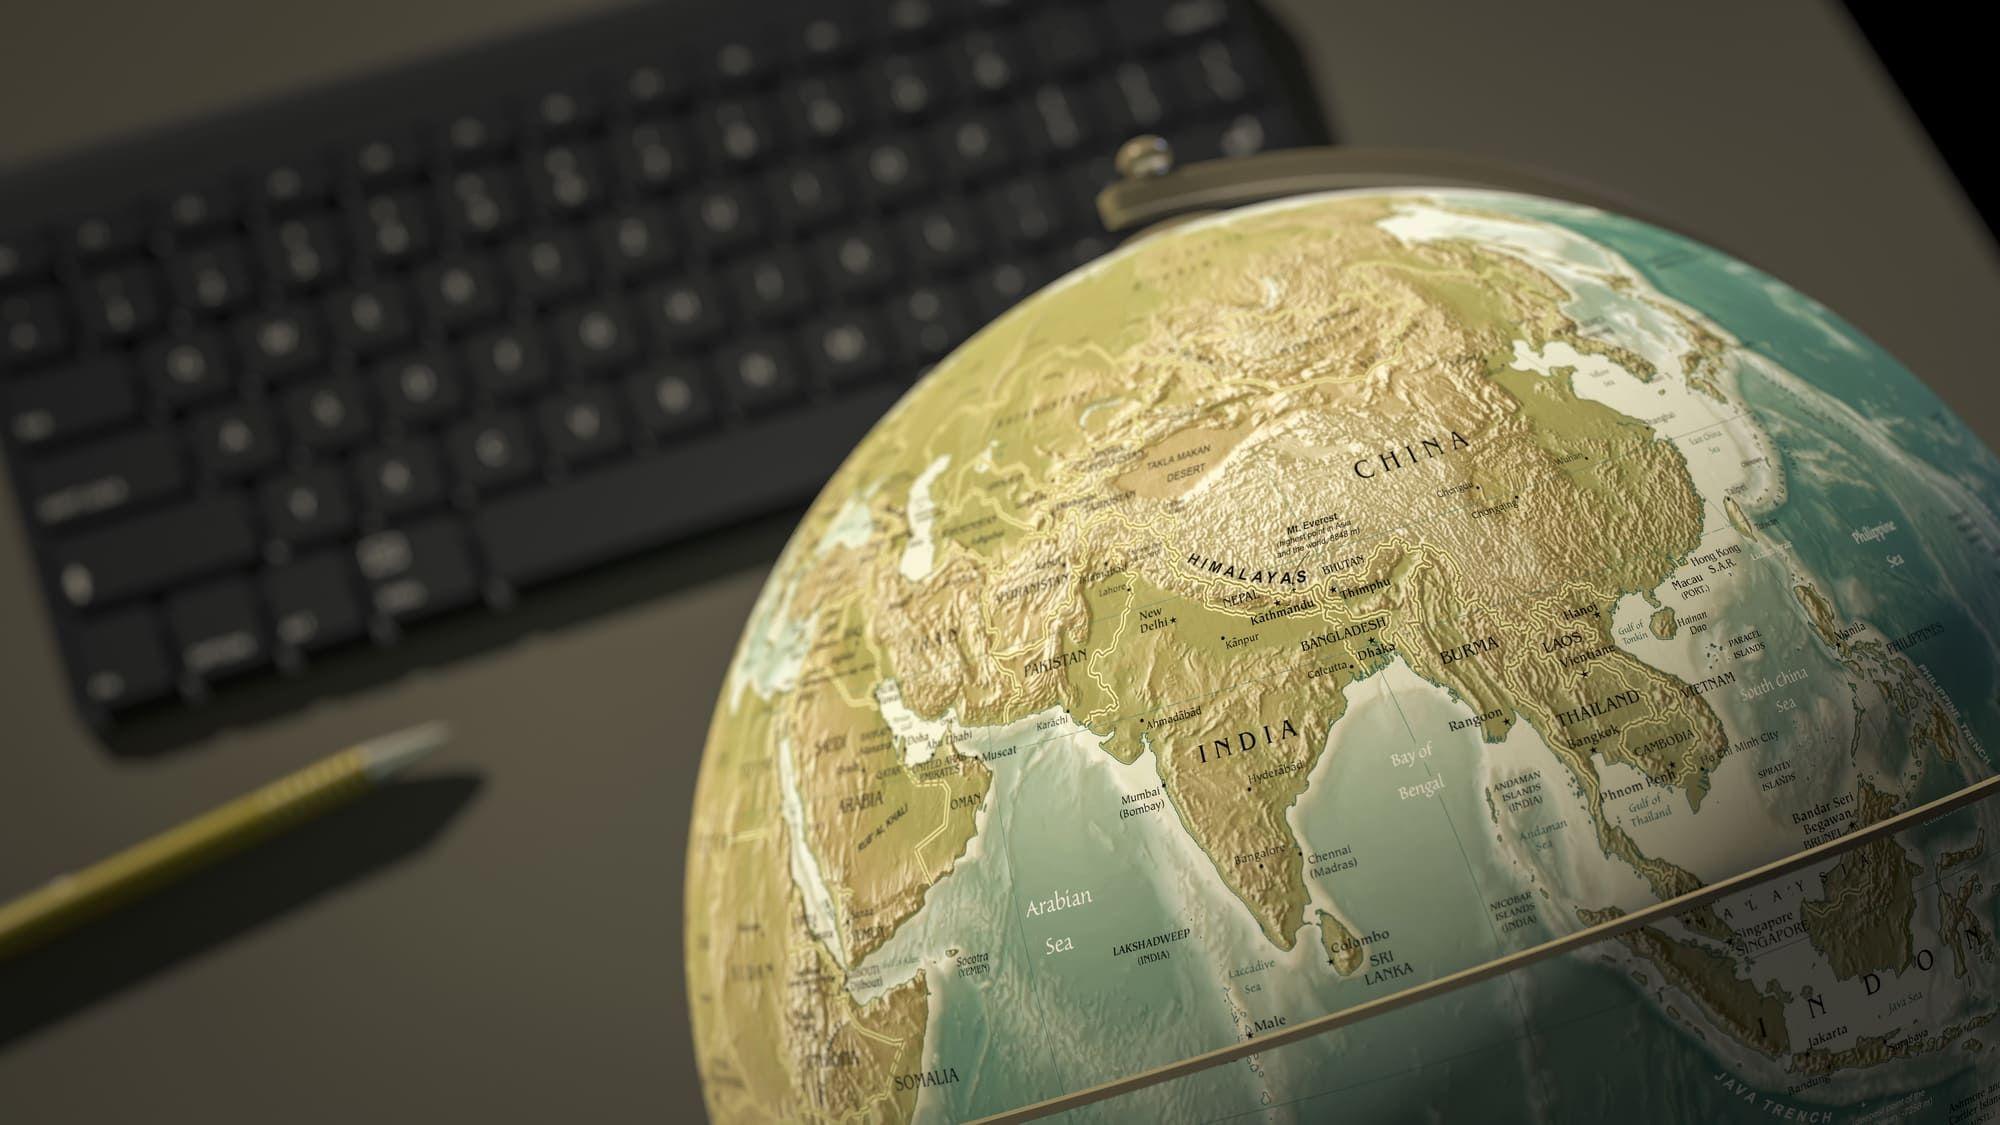 ГК РФ пополнится новым объектом интеллектуальных прав